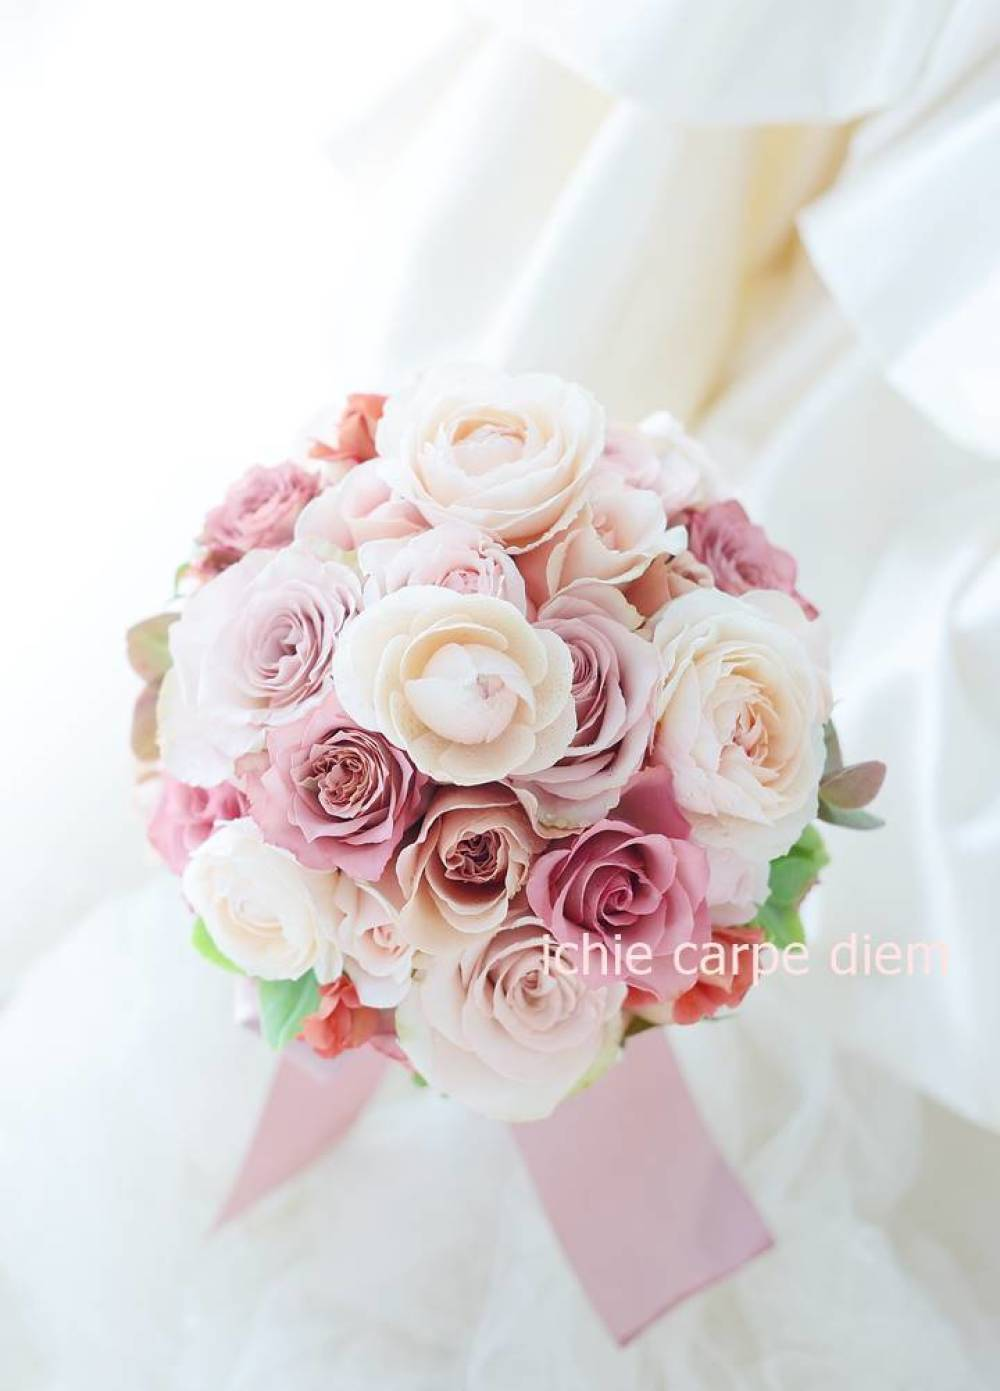 ラウンドブーケ 明治記念館様へ セピアピンクと紅茶のバラだけで_a0042928_10570746.jpg